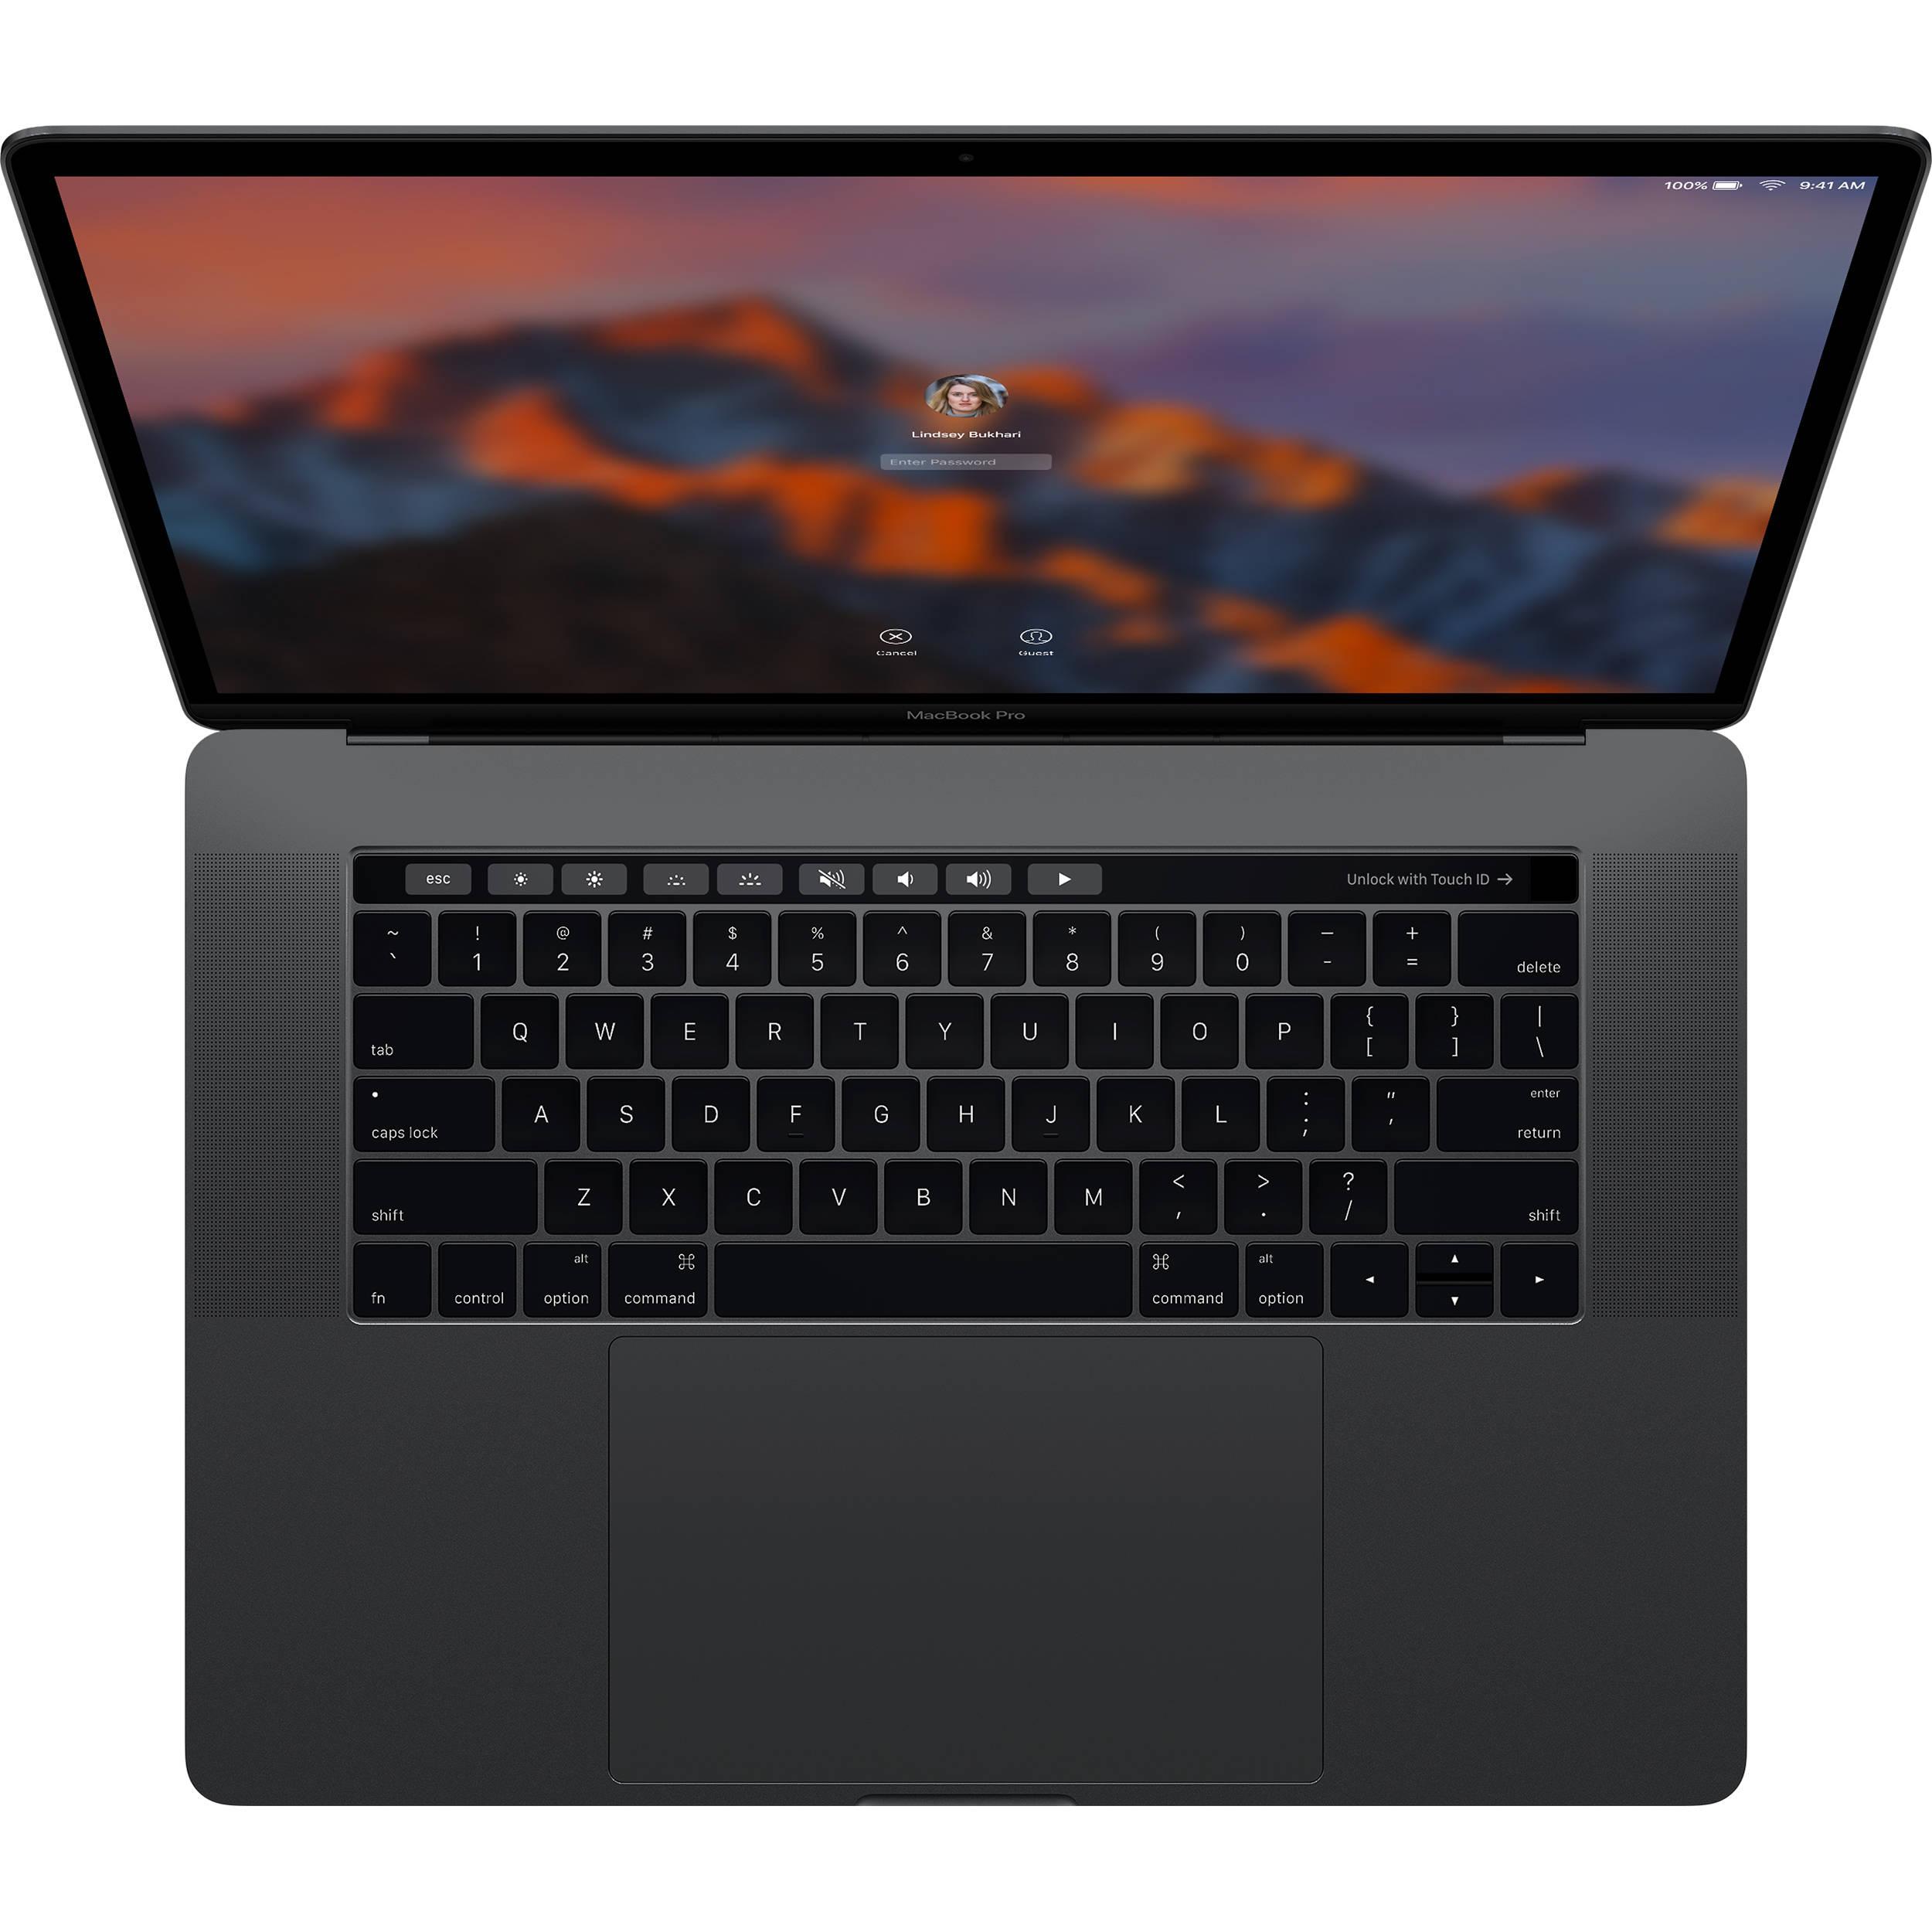 Macbook Pro -